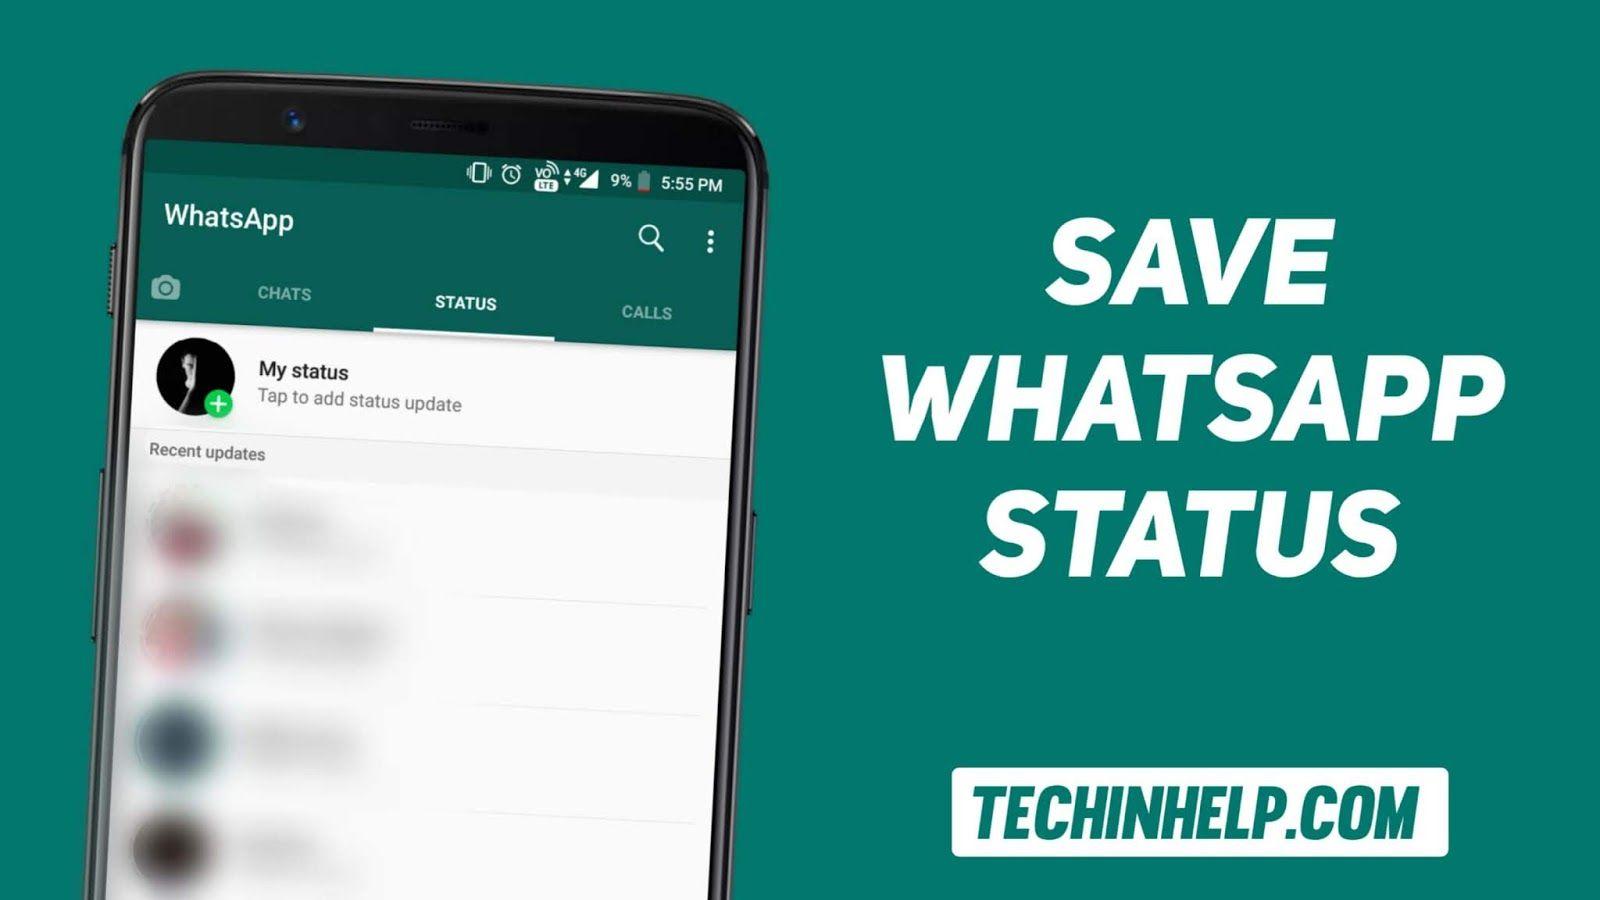 Whatsapp जो की Play Store पर सबसे अधिक बार डाउनलोड किया